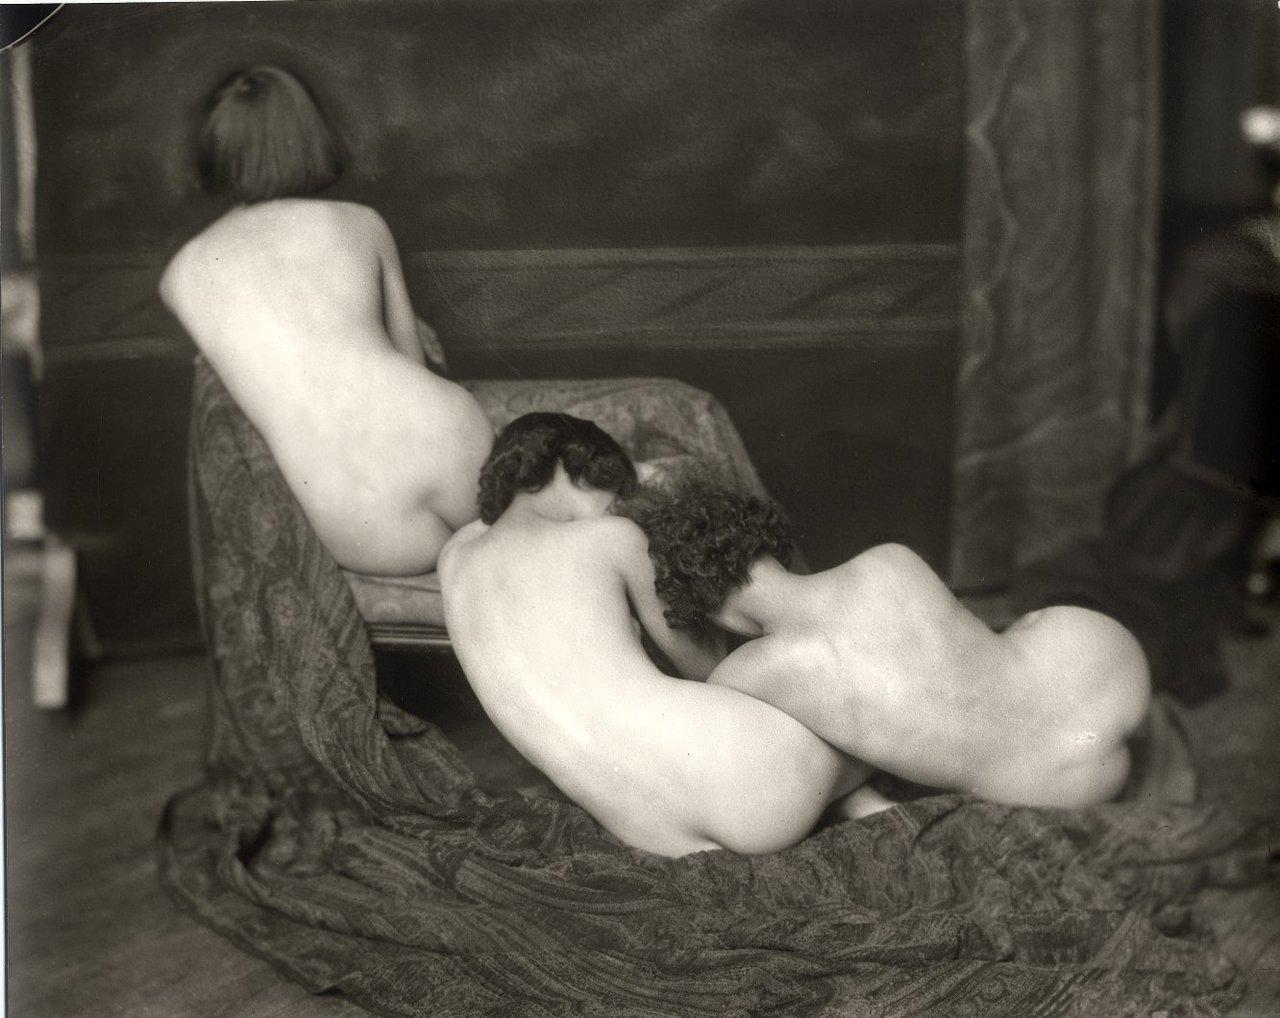 Посмотреть эротического содержание бесплатно 25 фотография